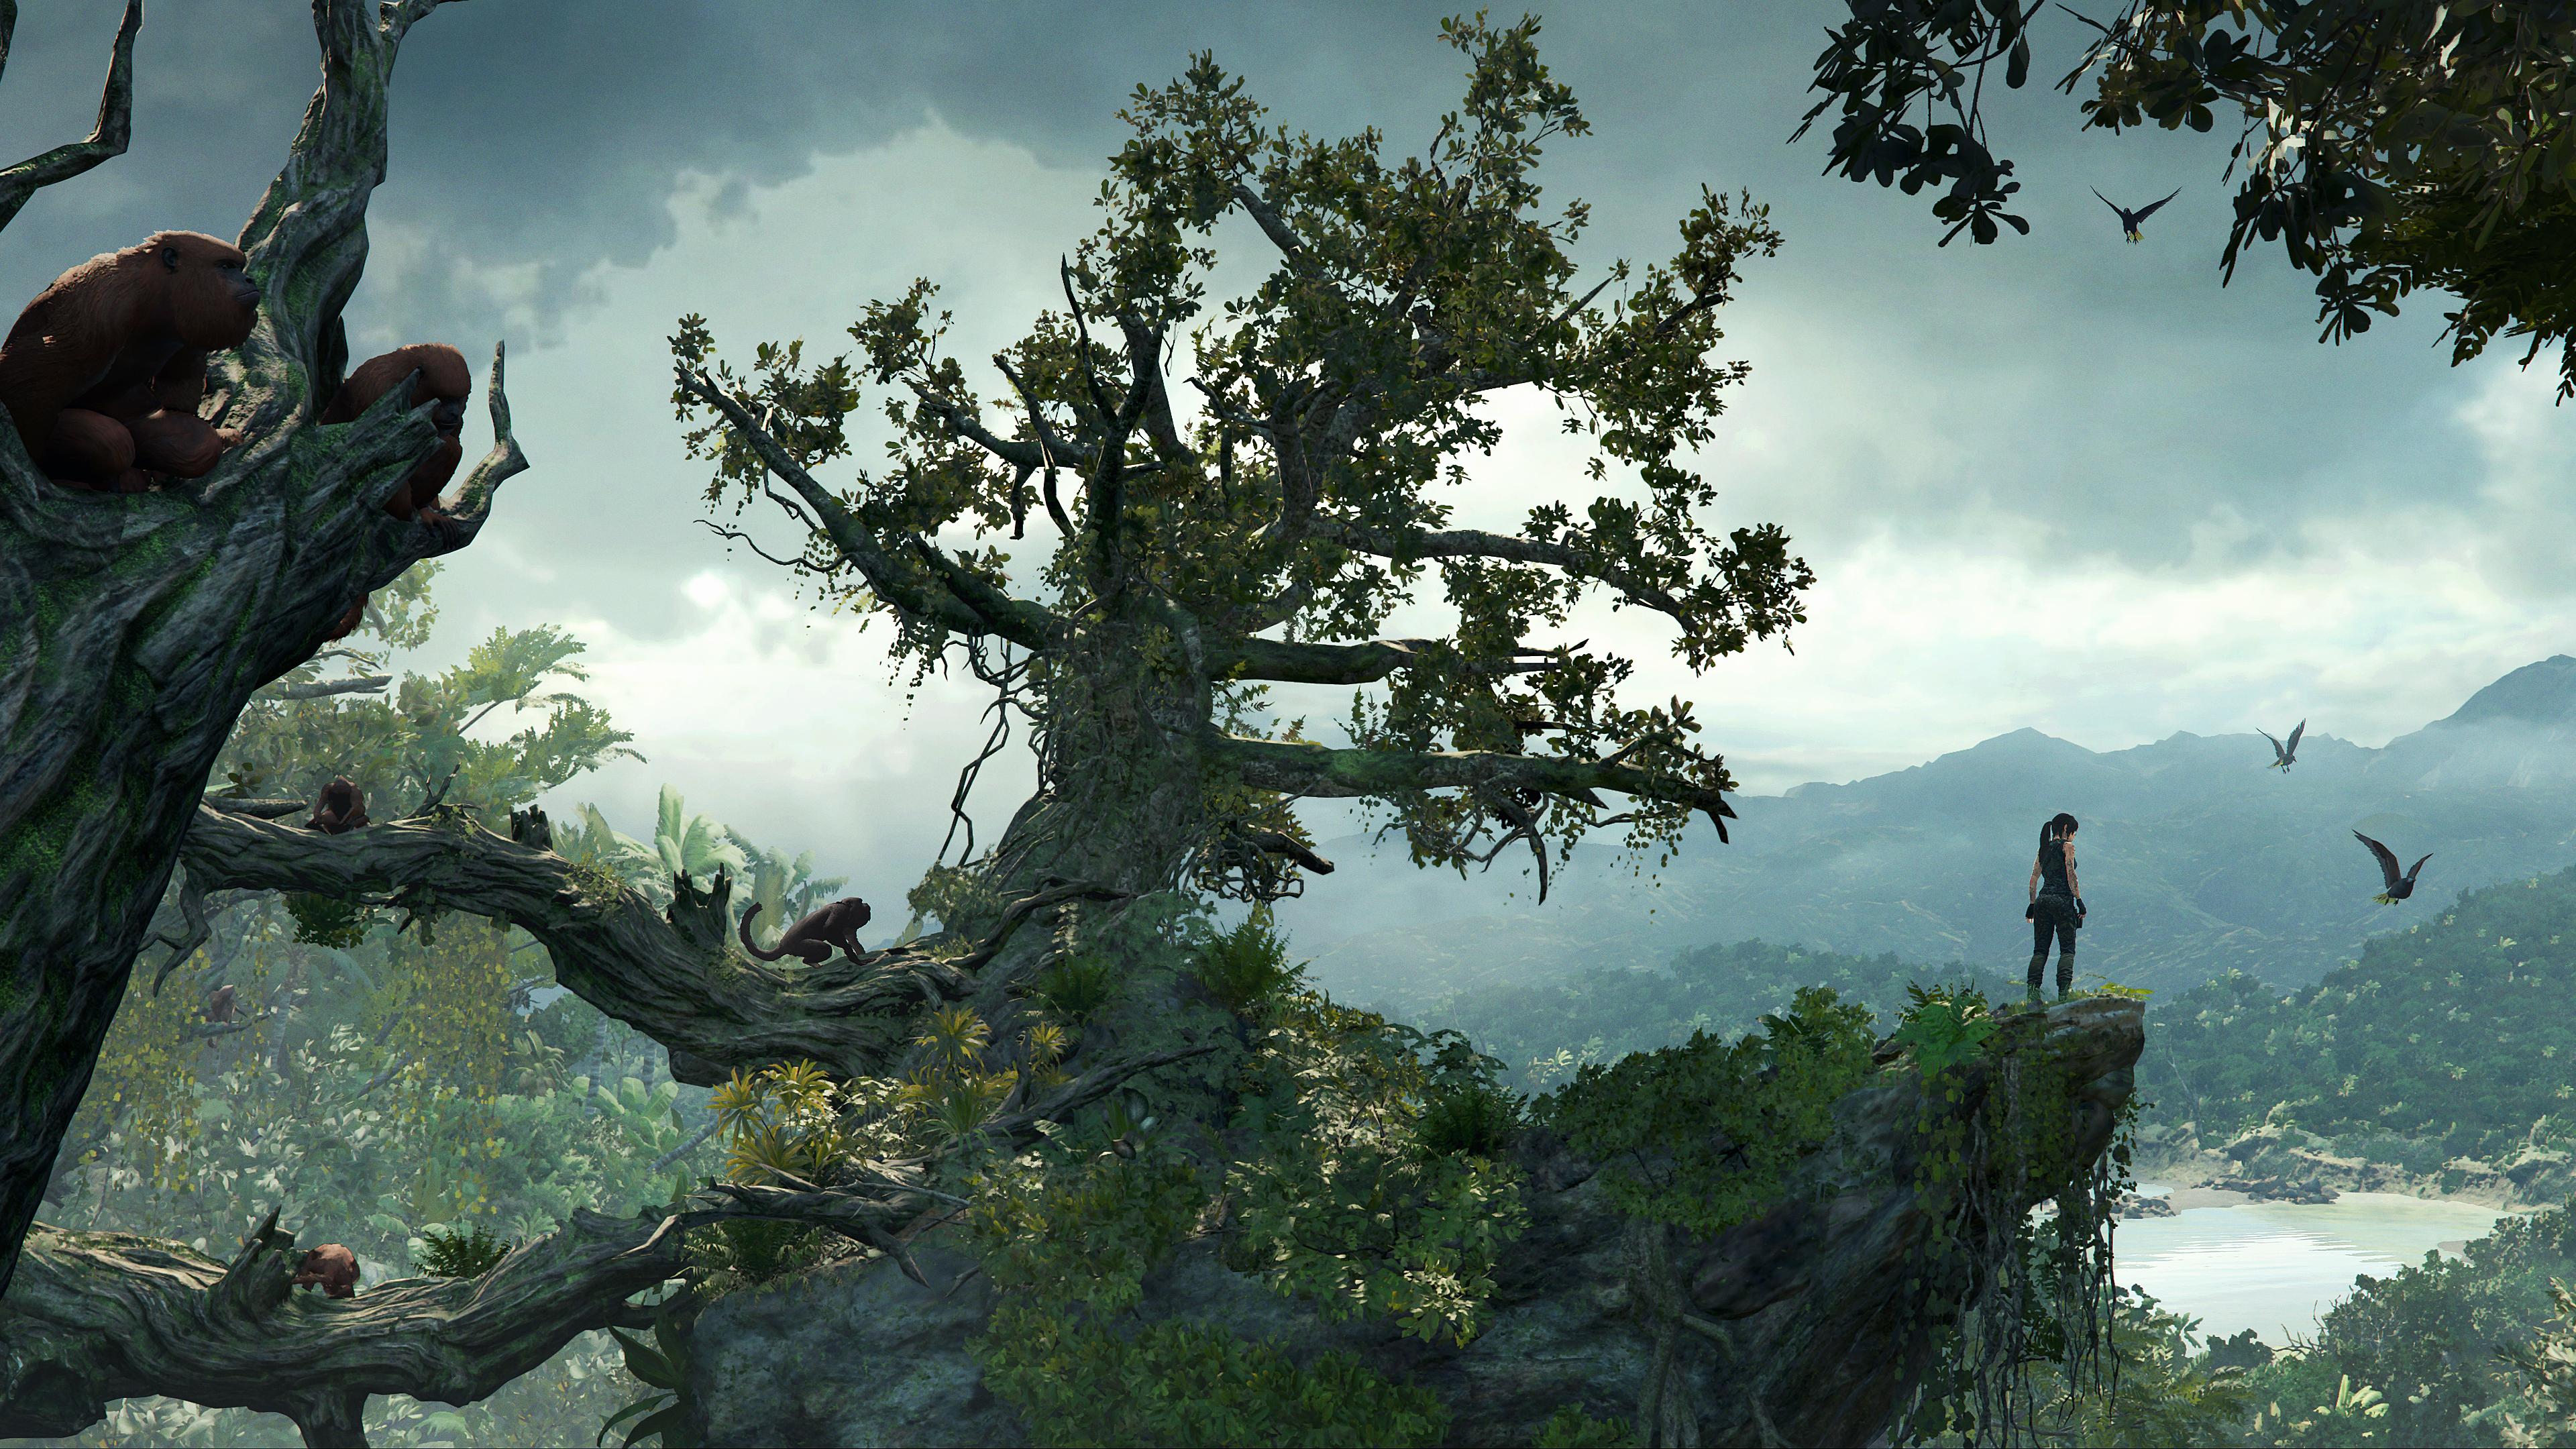 Après les montagnes de la Sibérie dans Rise of the Tomb Raider, c'est maintenant la jungle péruvienne qui sert de décor à la nouvelle aventure de Lara Croft